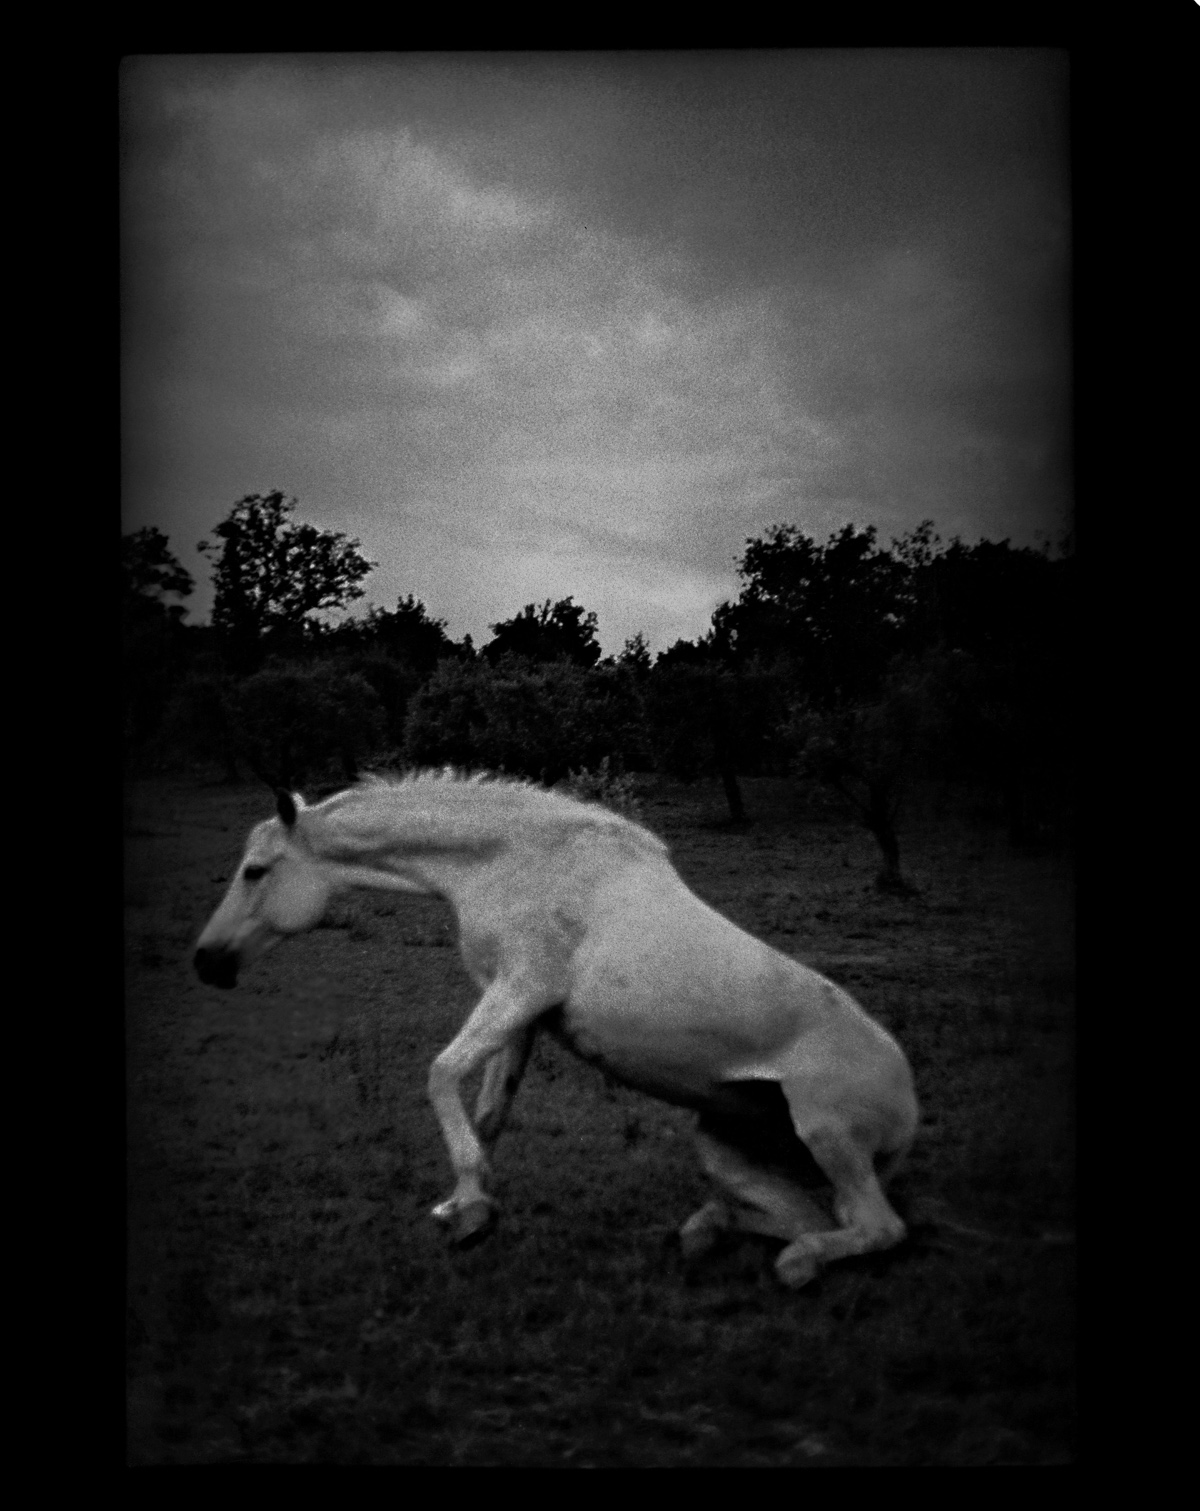 rexfeatures 4452120a Психологический портрет: неожиданные образы животных